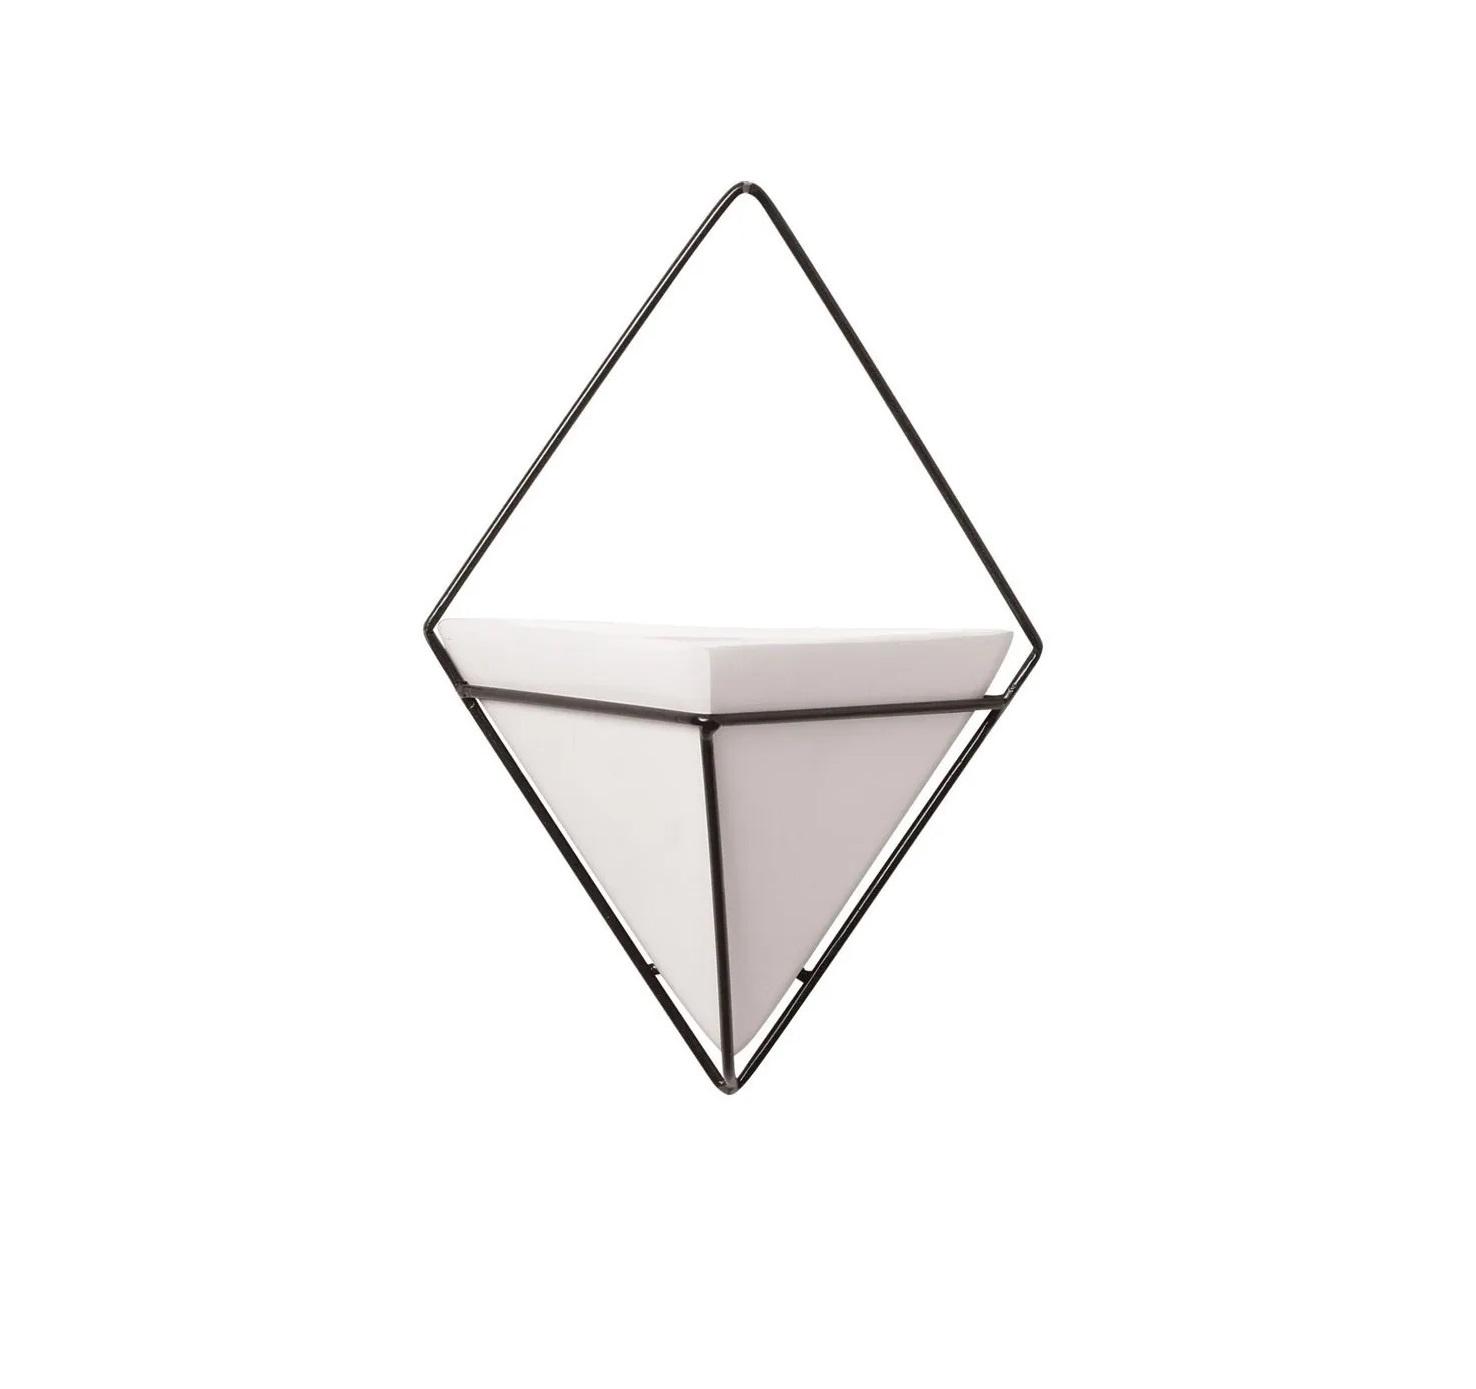 Conjunto Vaso de Parede Branco com Suporte Triangular 30cm x 21cm